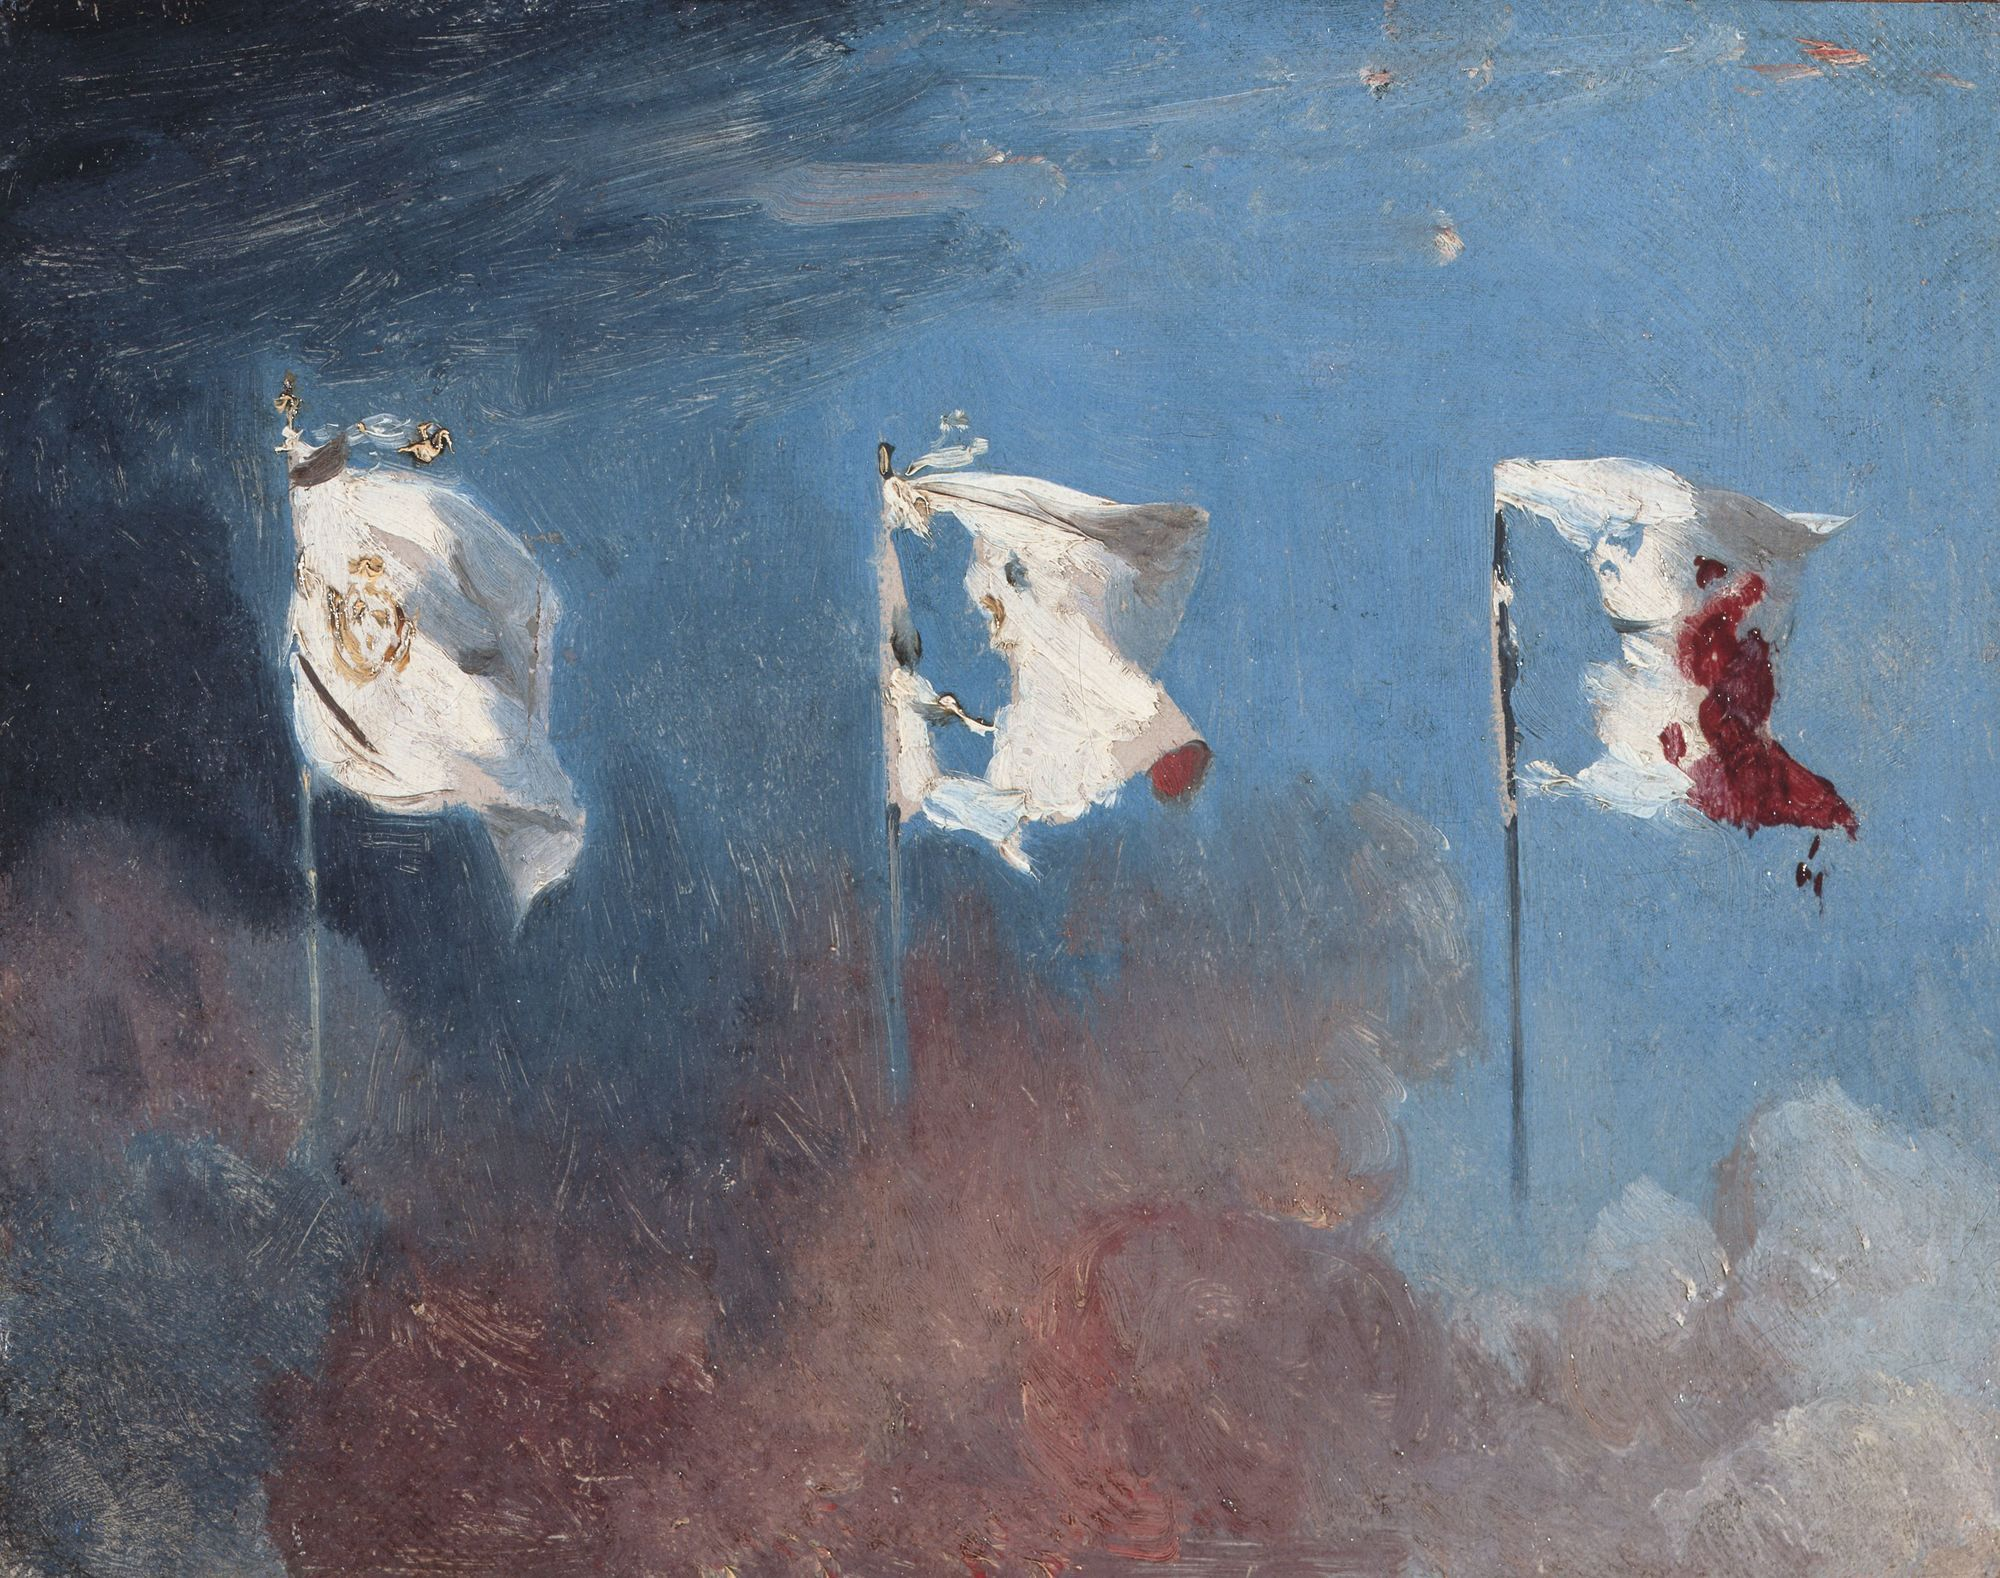 Léon Cogniet, Scène de juillet 1830, dite aussi Les Drapeaux, 1830, huile sur toile, 19 x 24 cm, musée des Beaux-Arts, Orléans.